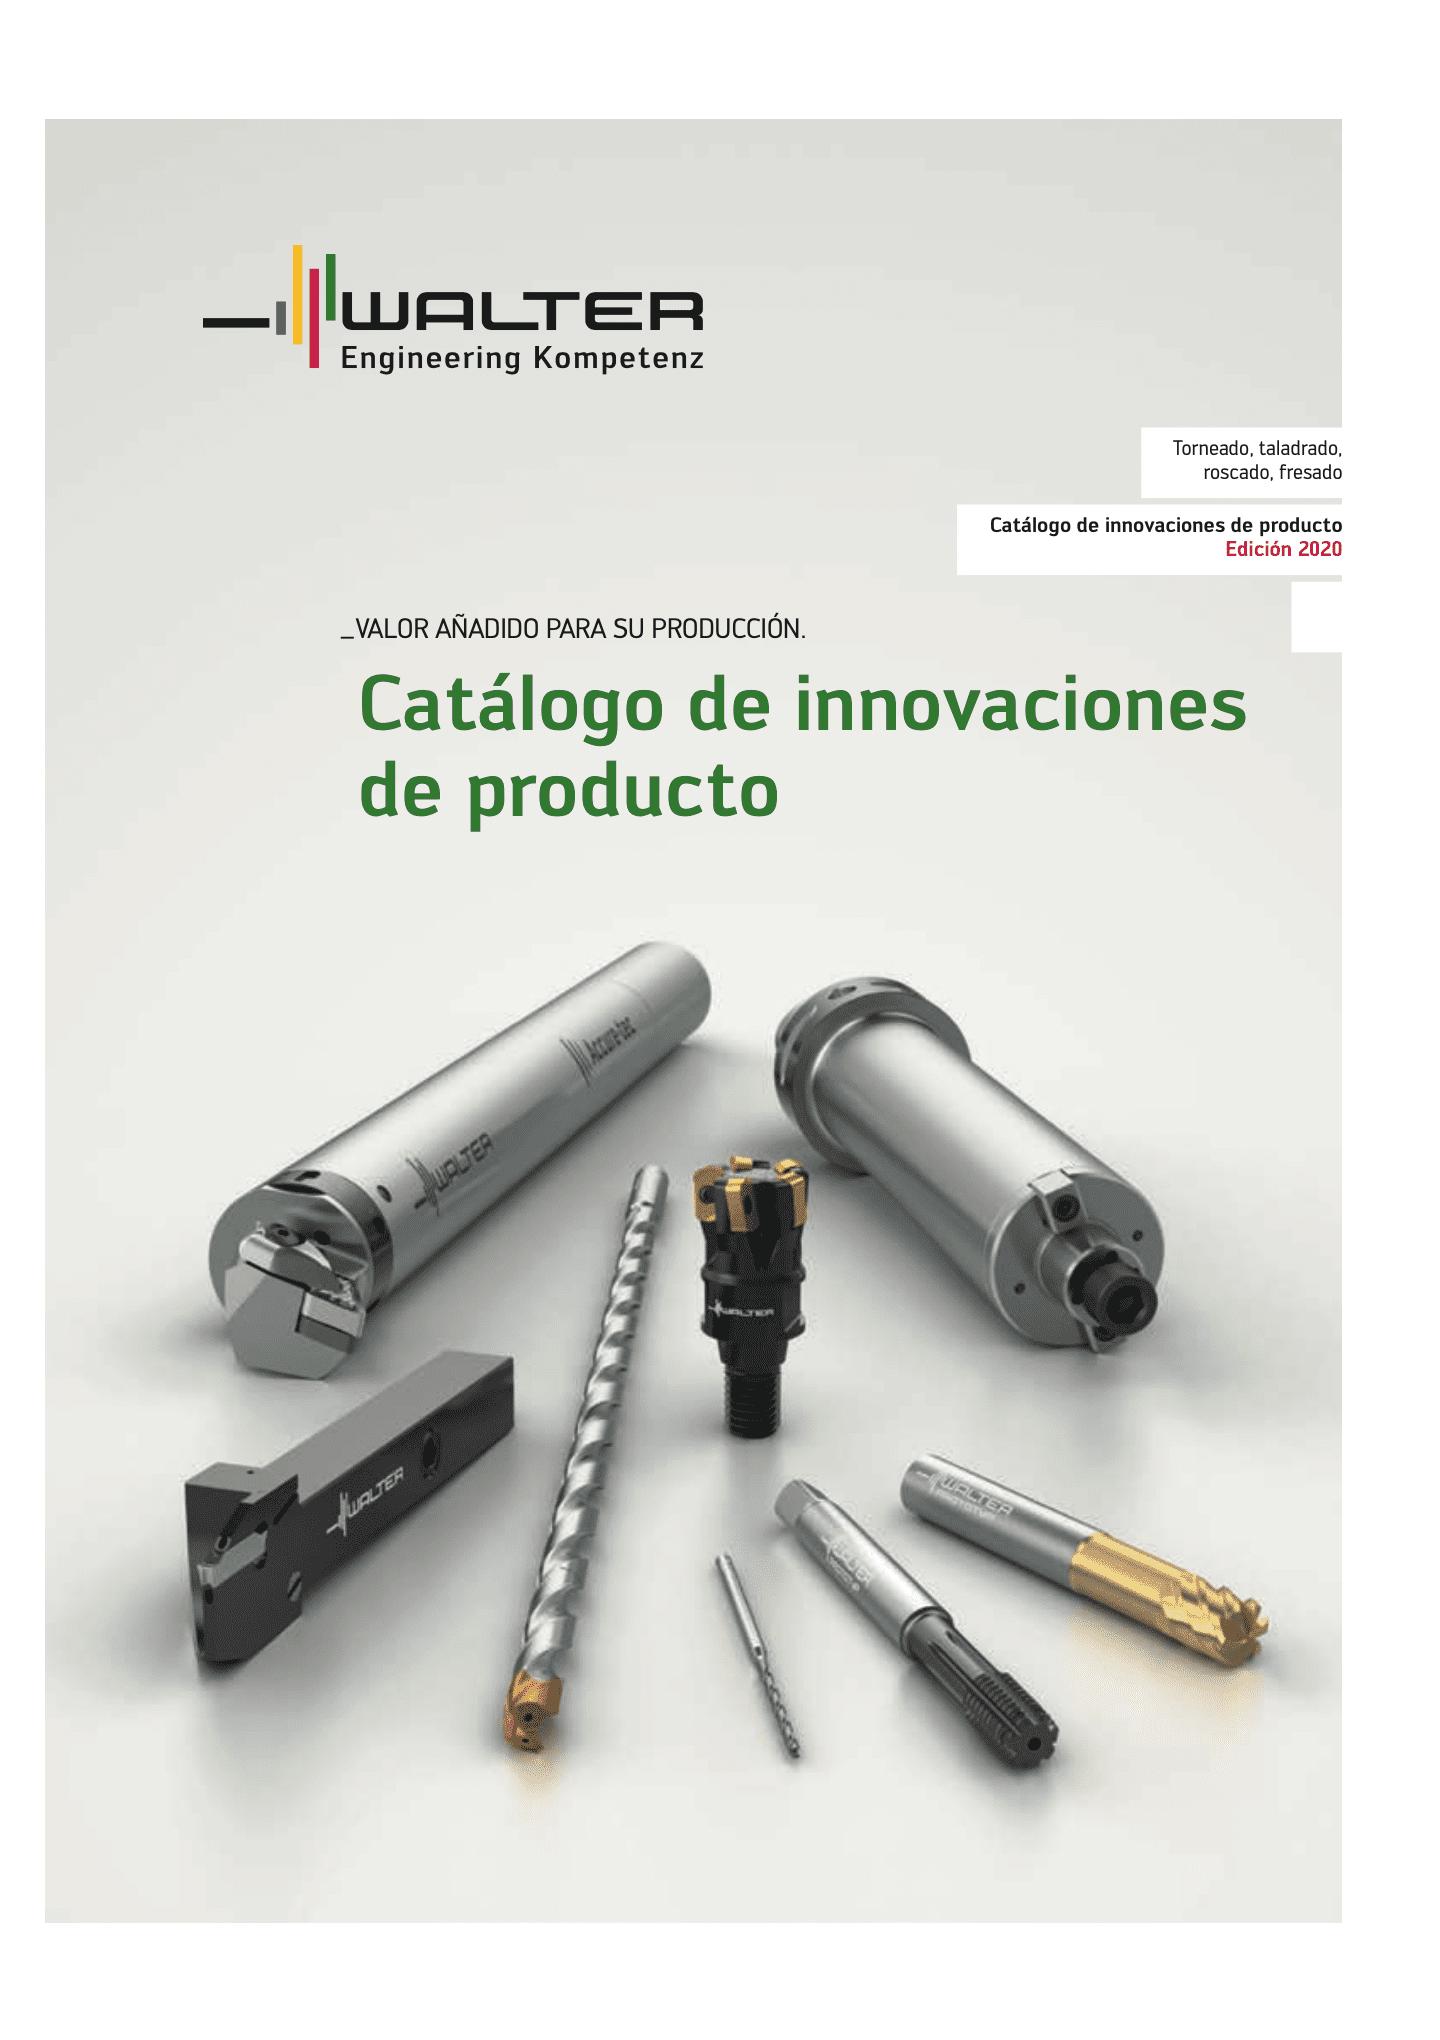 IPAC Innovaciones de producto Walter